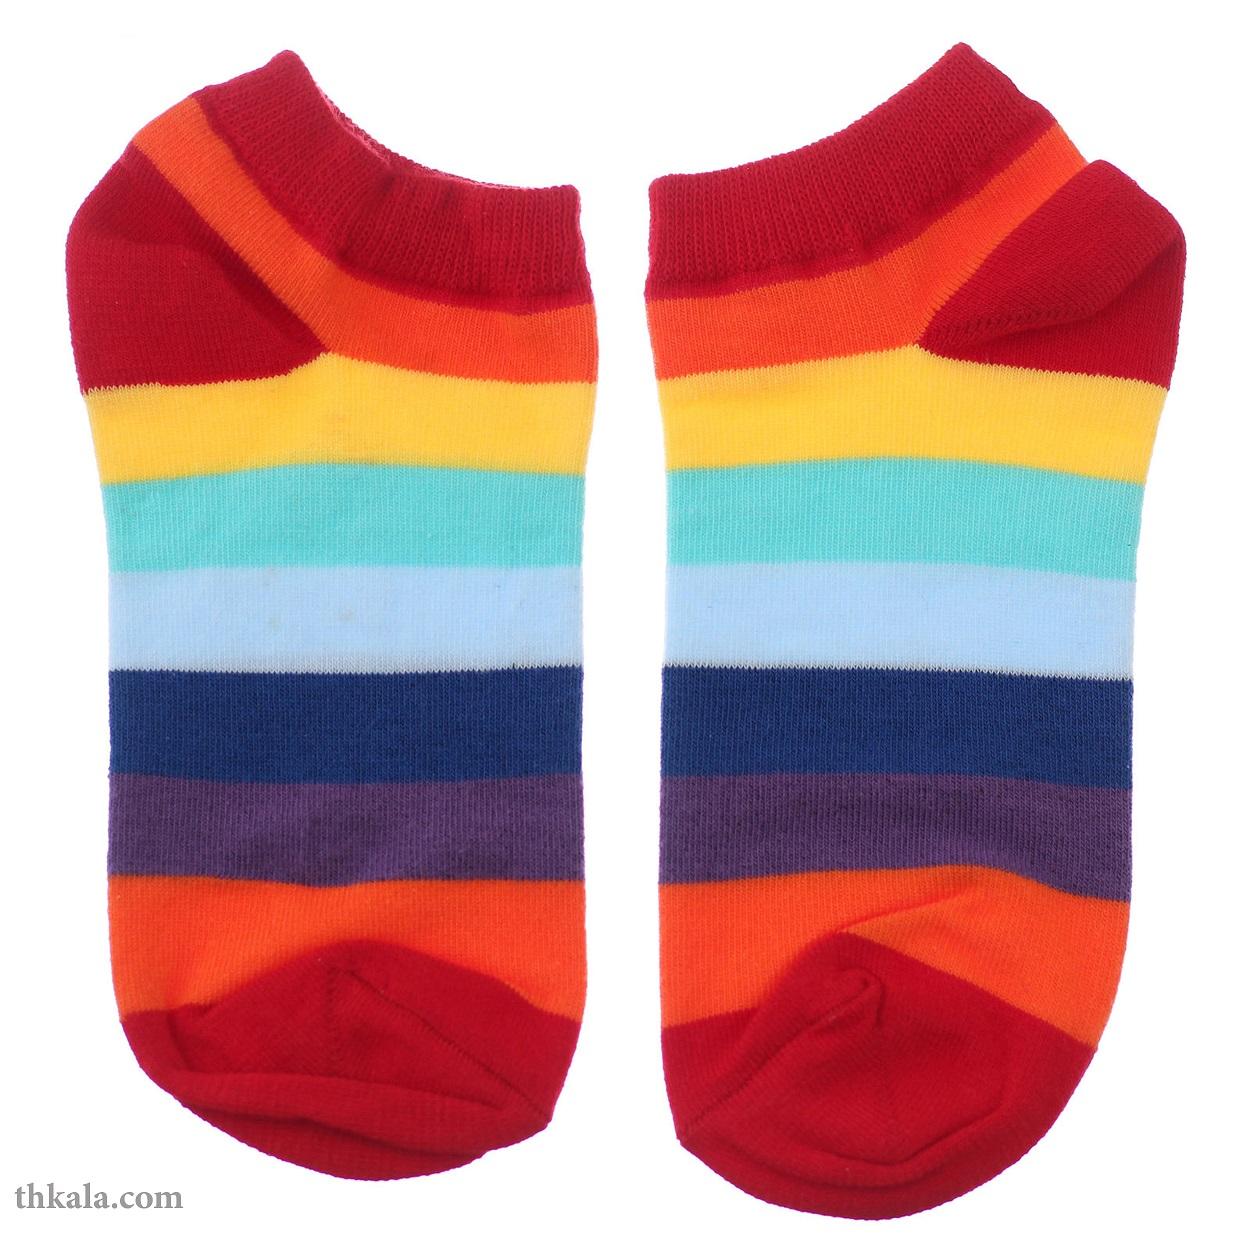 جوراب زنانه مدل رنگین کمان